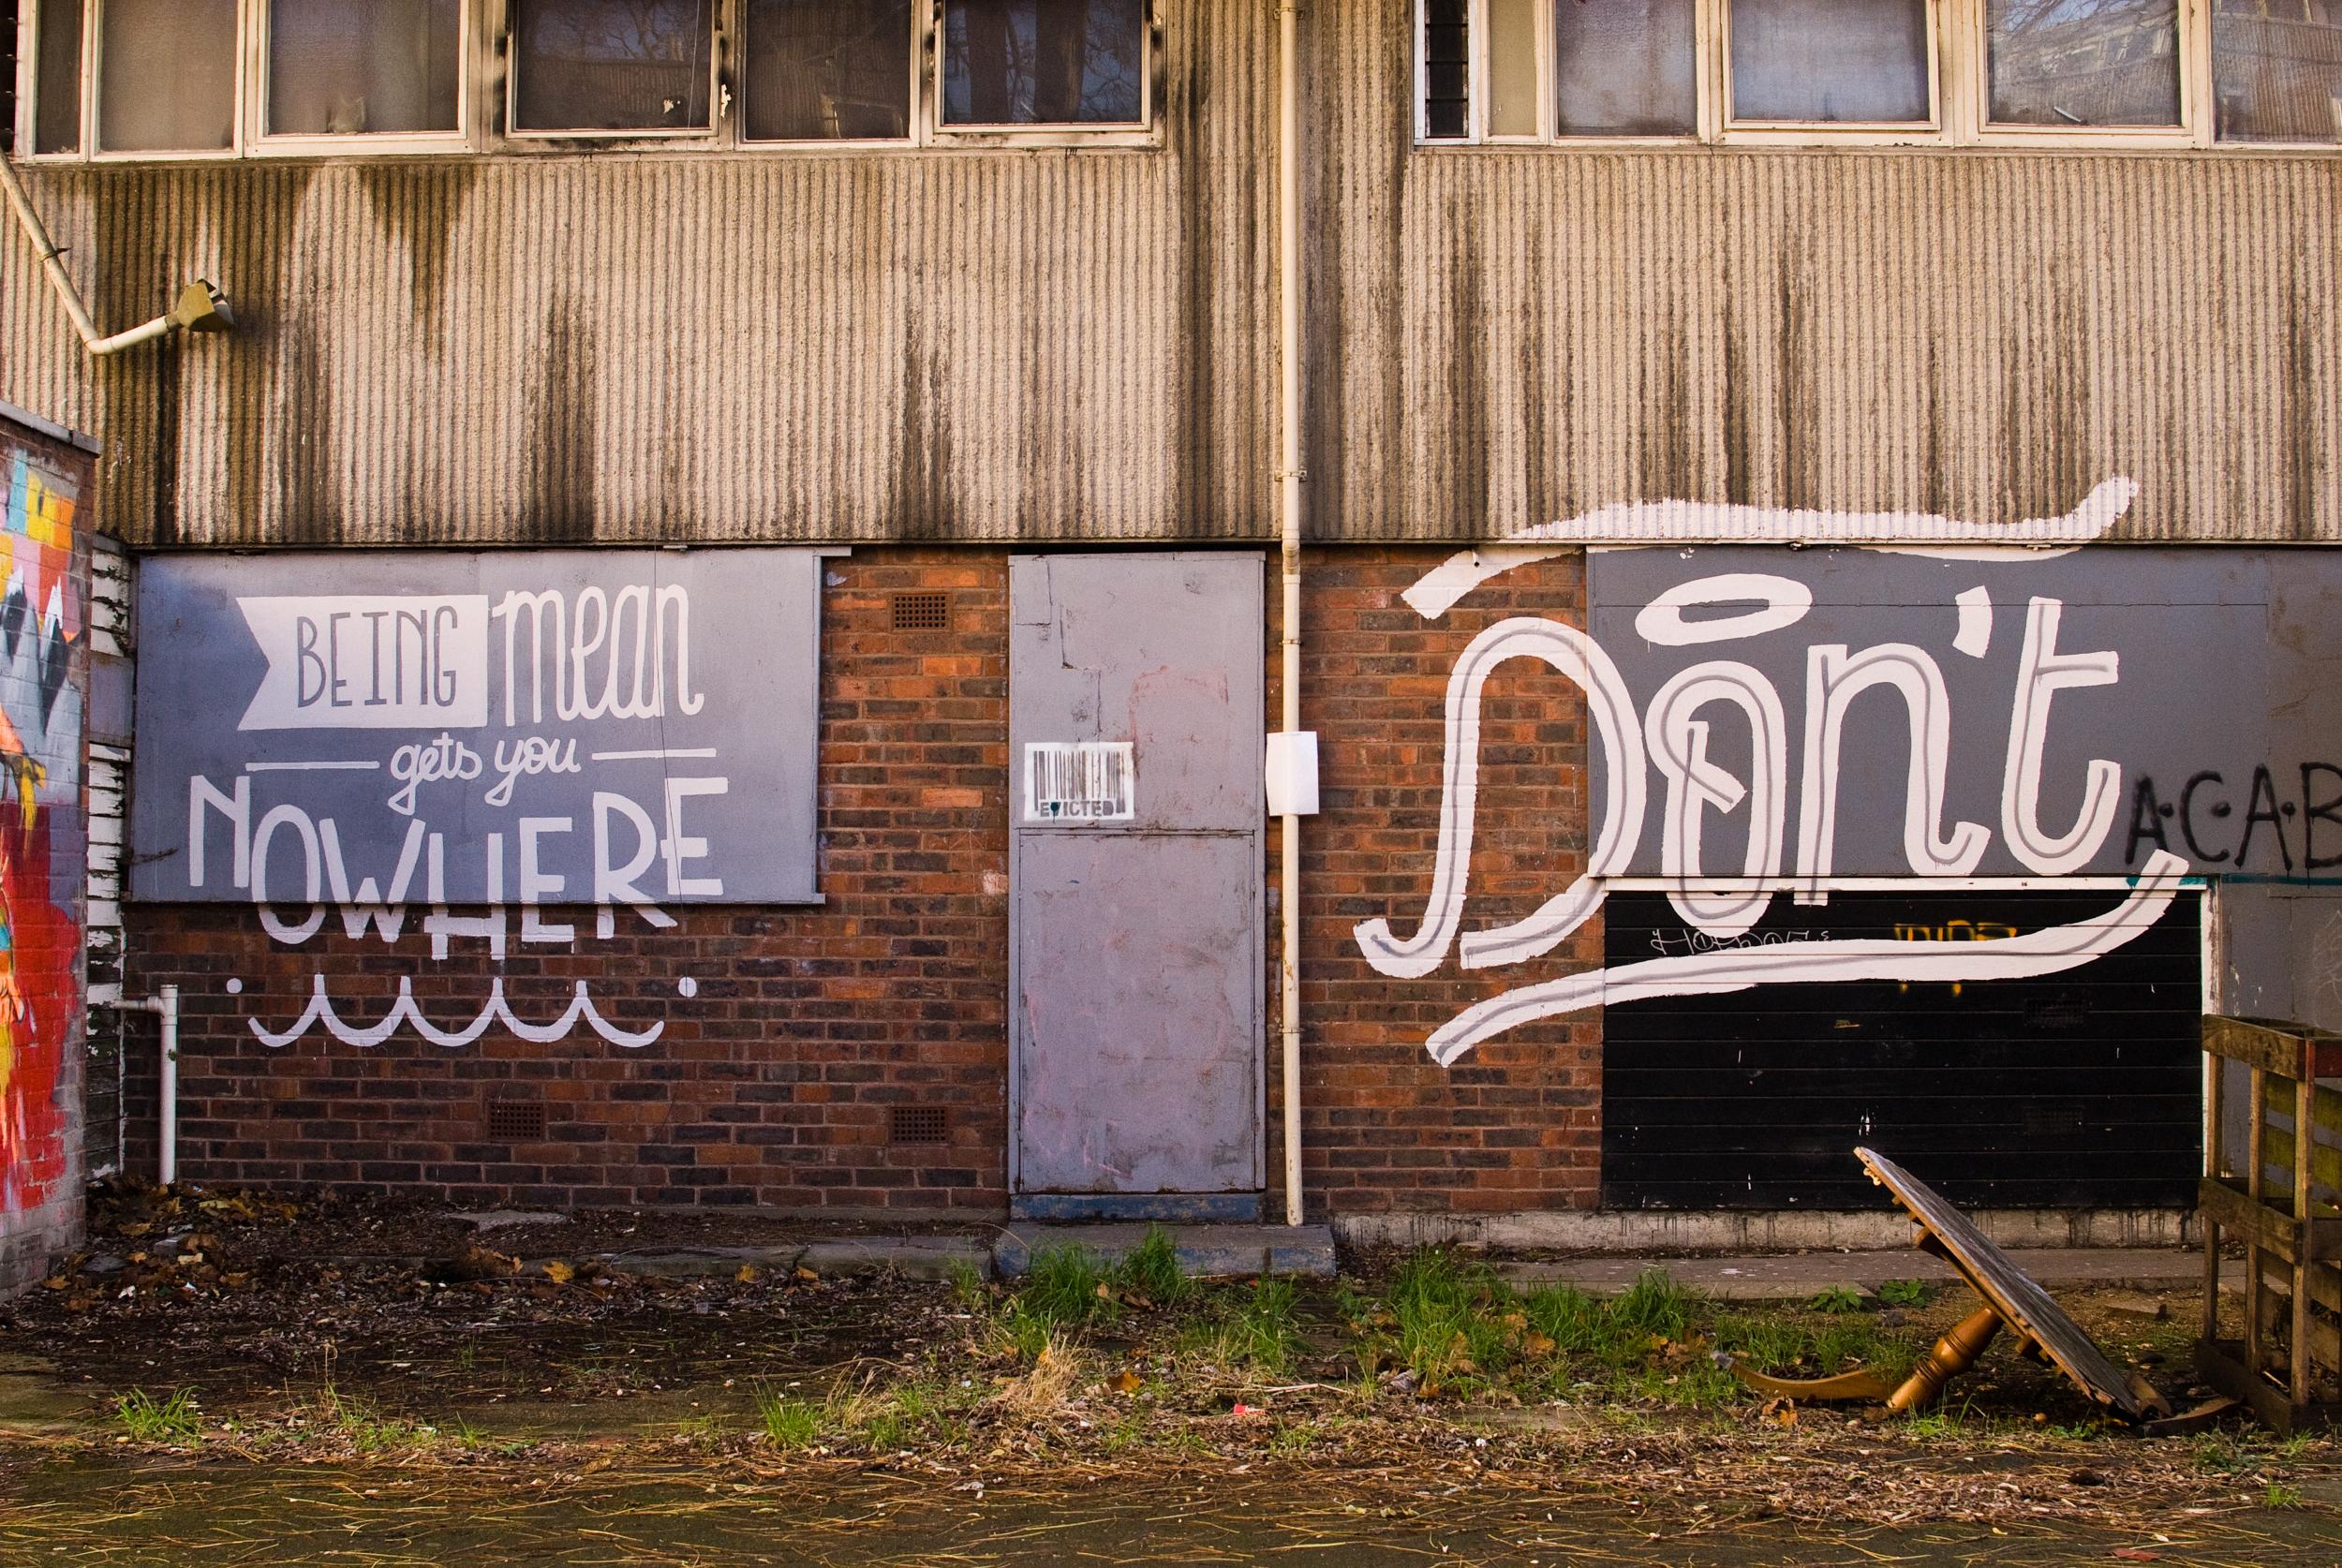 Georgina_cook_Heygate_estate_don't_graffiti.jpg